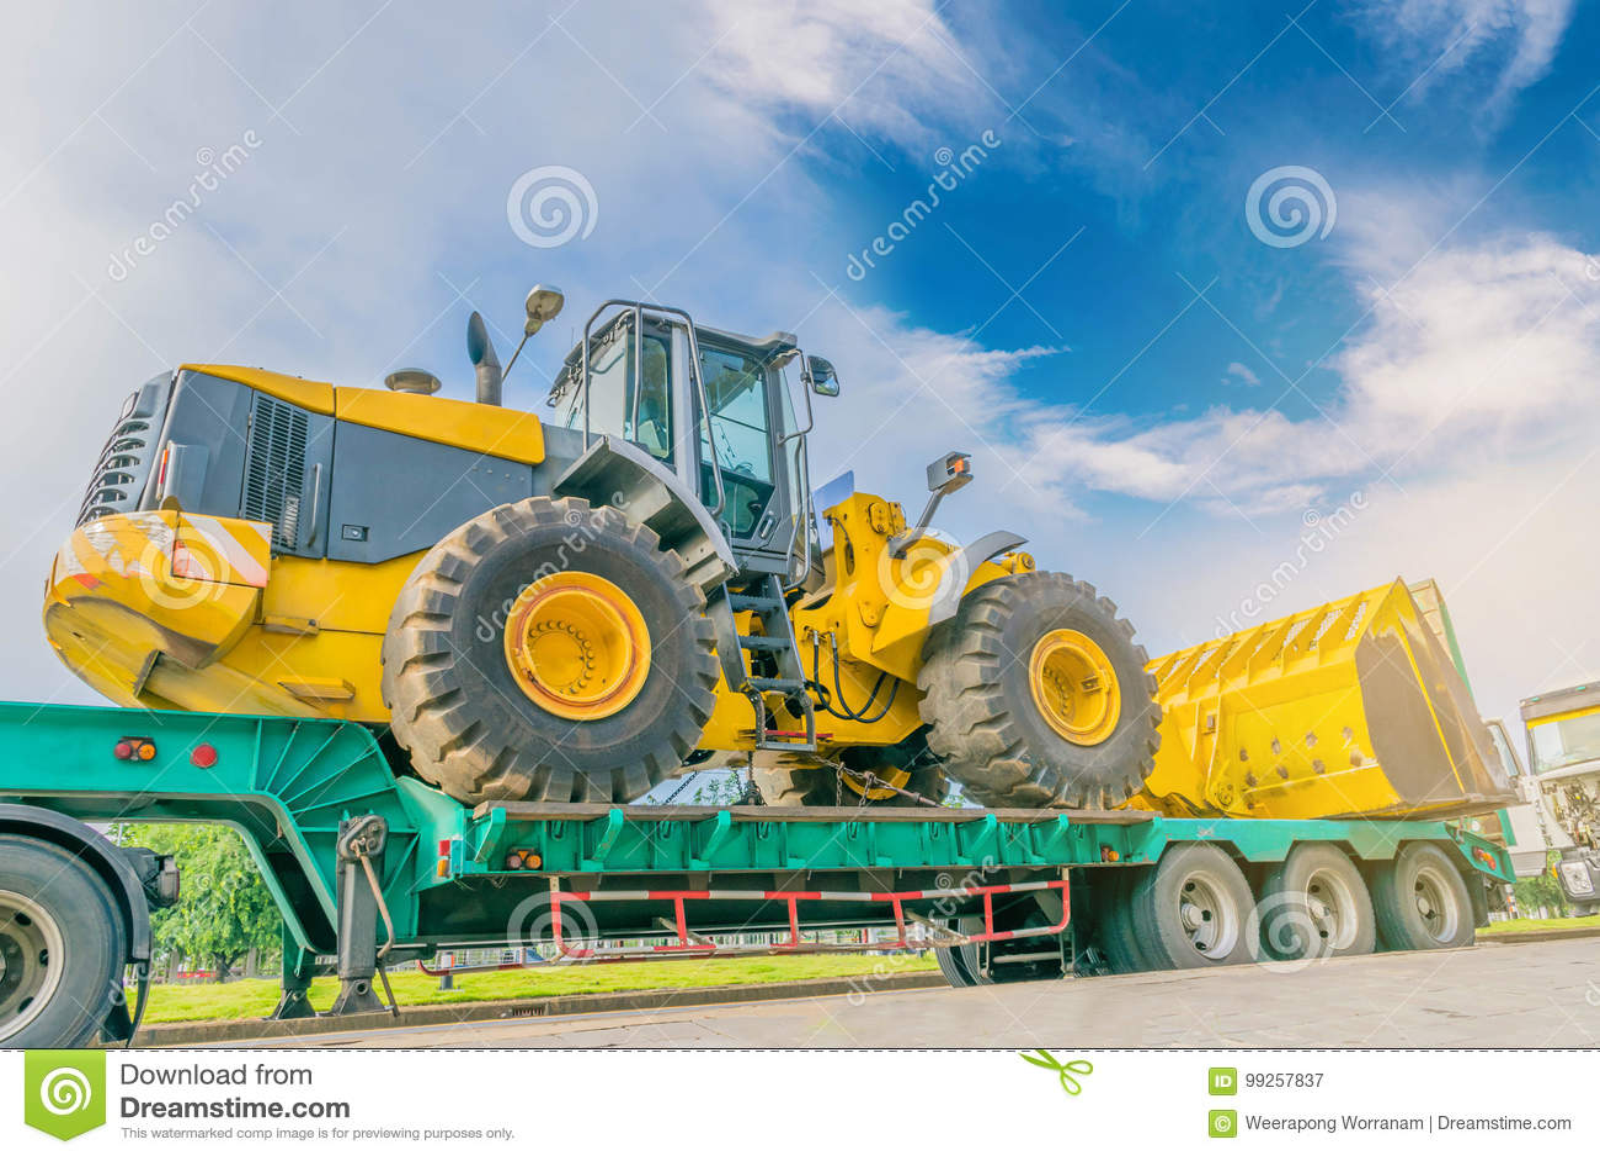 Abstrakcjonistyczna miękka ostrość duży ciągnik na holowniczej ciężarówce z piękną chmurą promieniem, światłem i obiektywu racą e